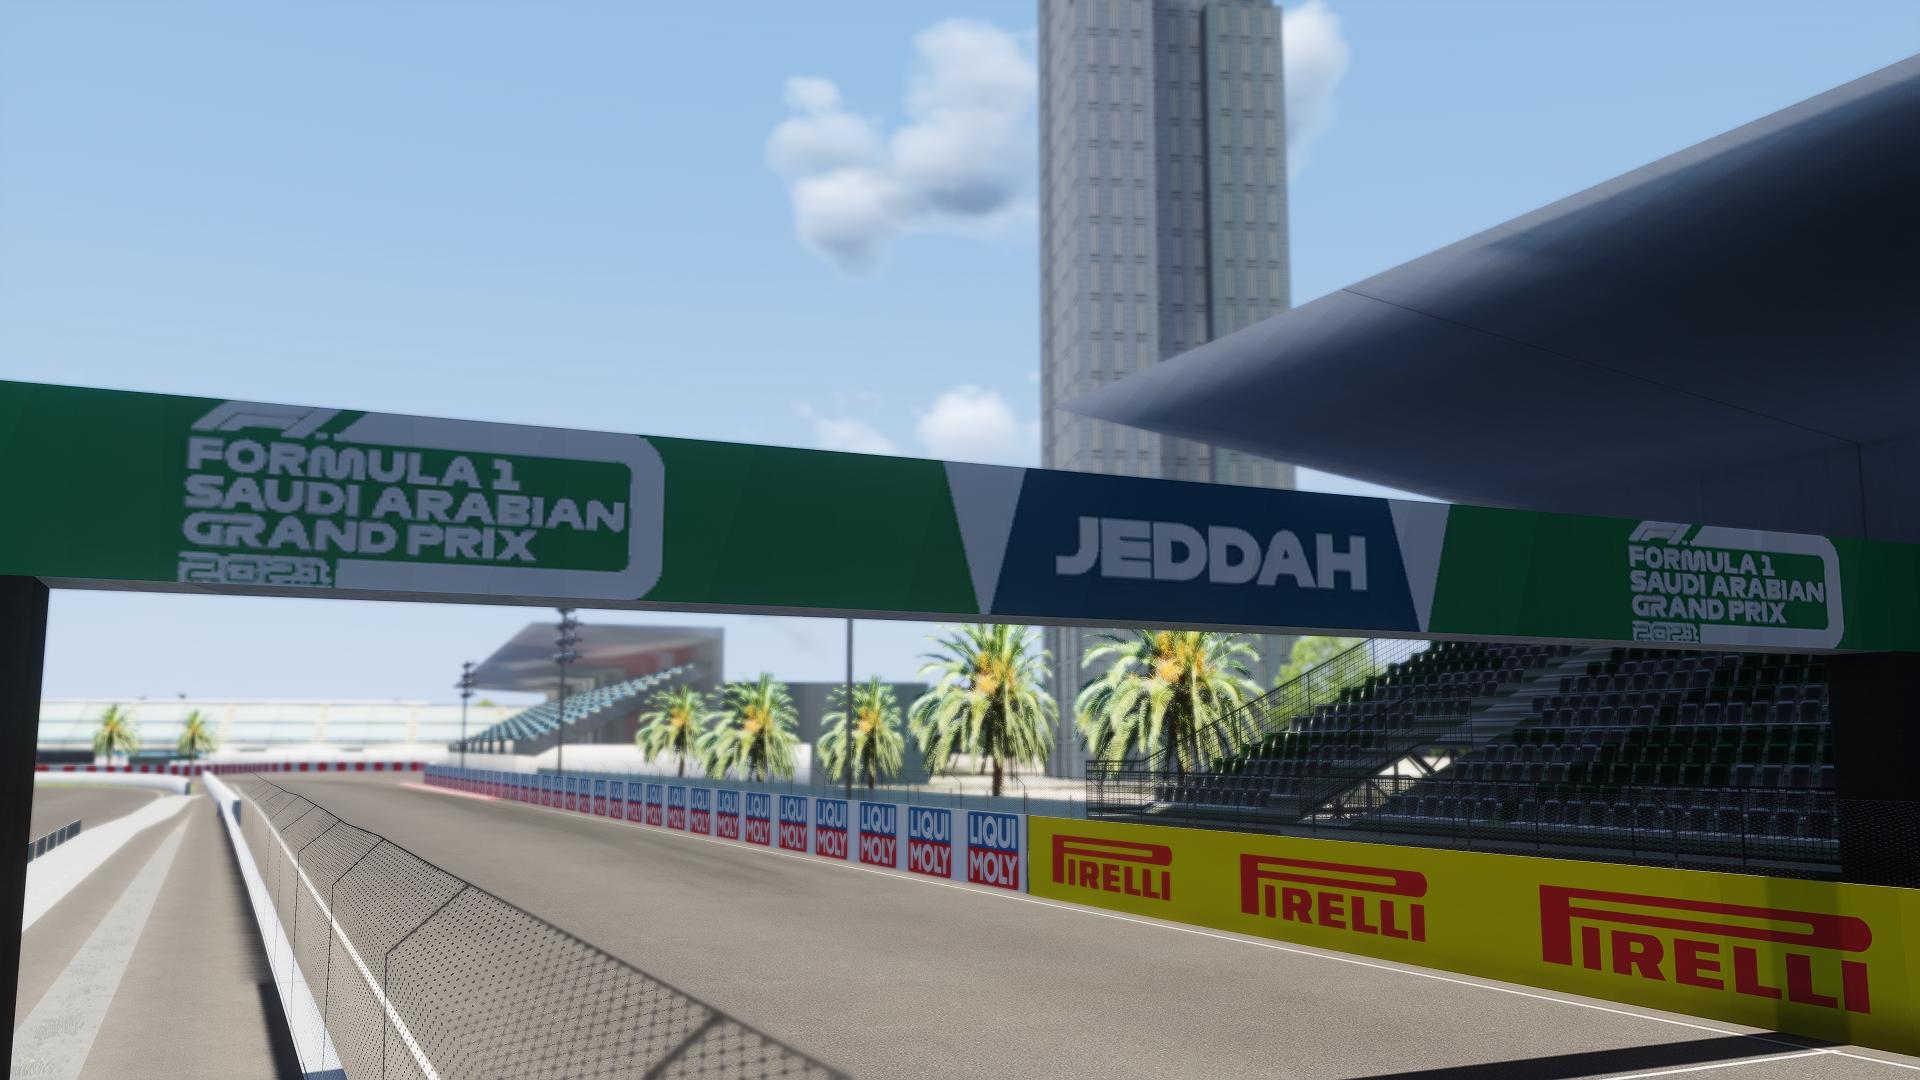 Screenshot_rss_hyperion_2020_jeddah21_20-2-121-10-58-17.jpg